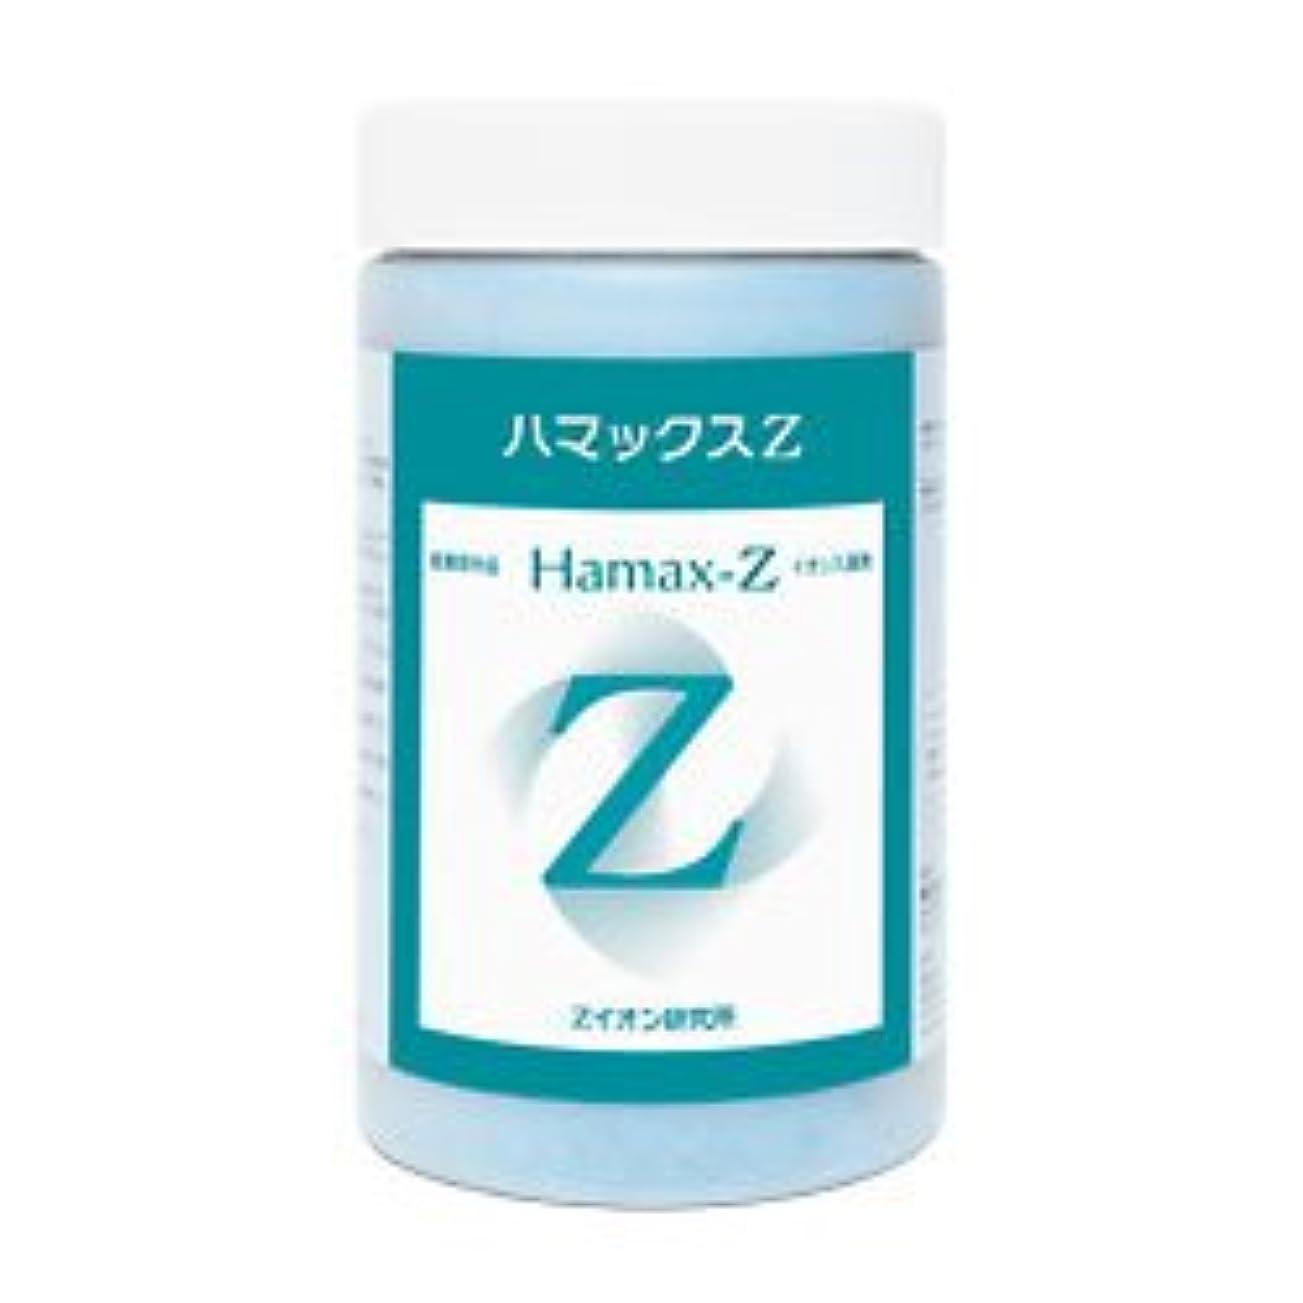 本を読む幸福命令的医薬部外品 イオン入湯剤ハマックスZ 700g